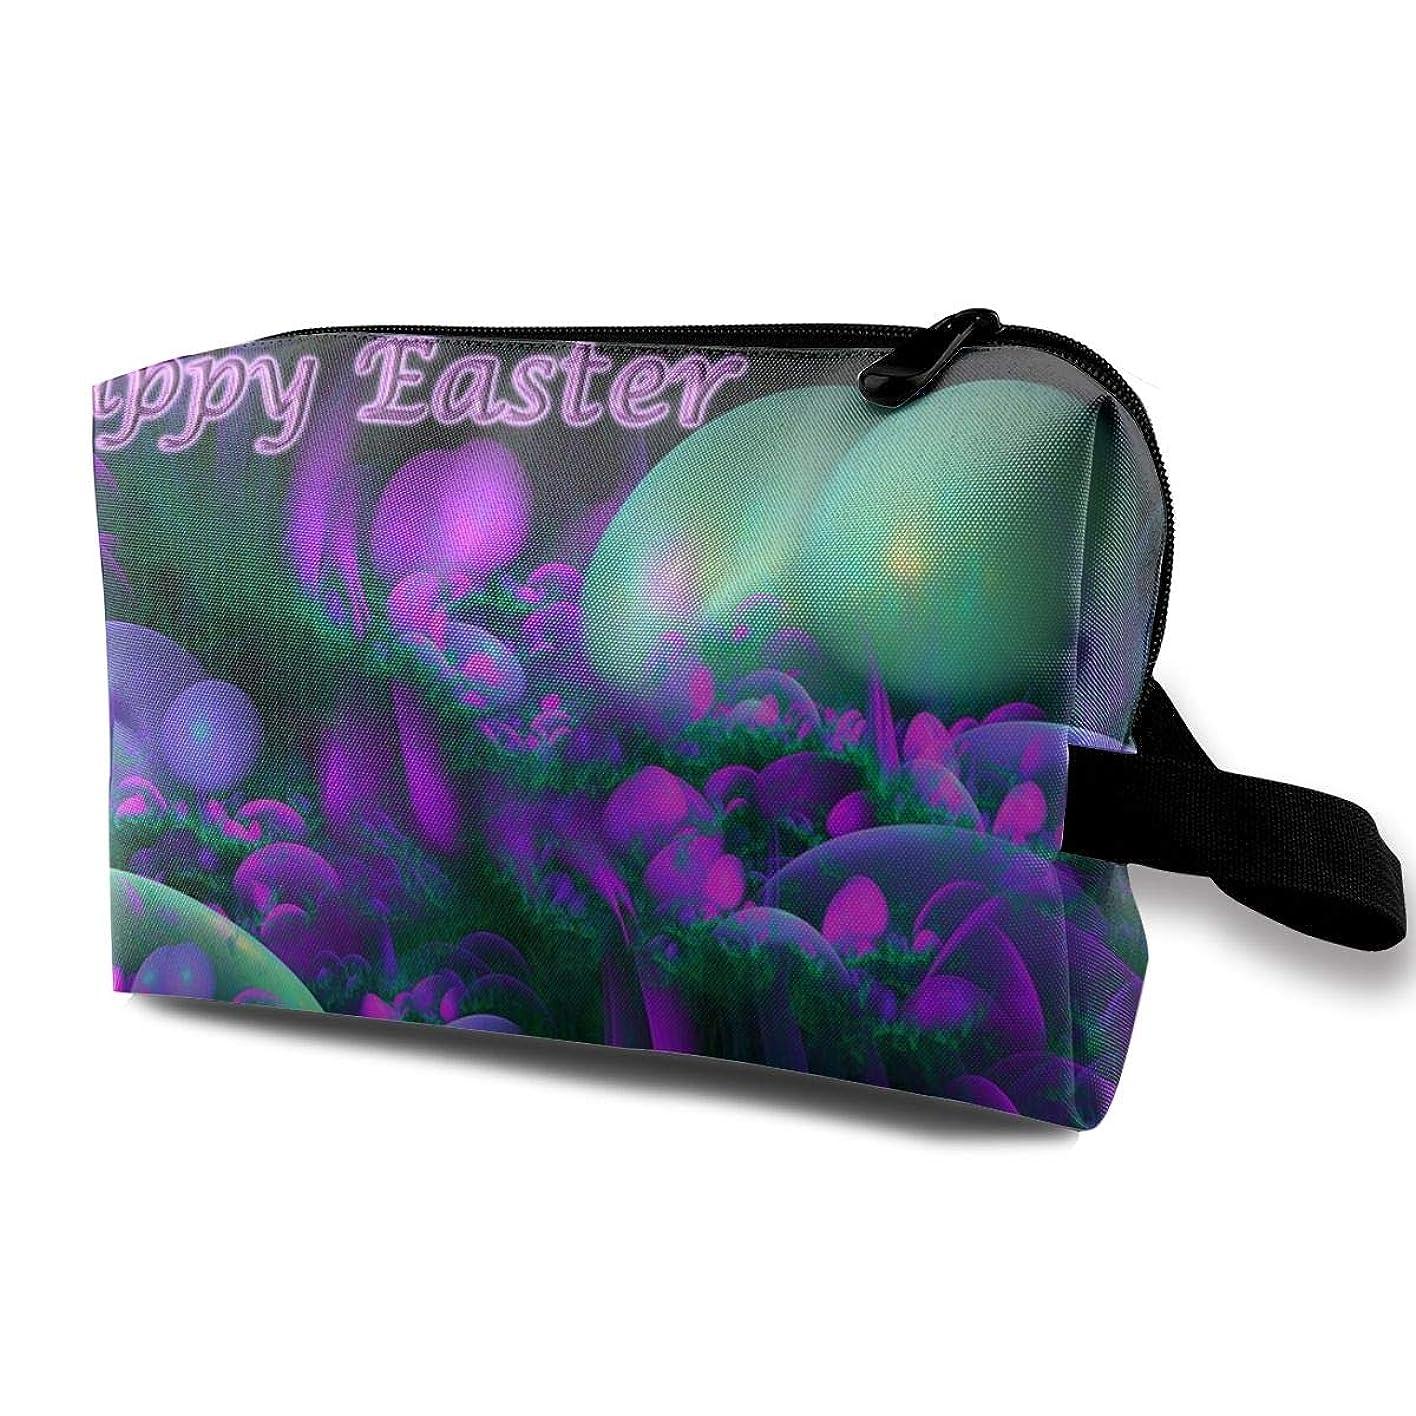 関係ない怠惰公爵夫人Happy Easter Colorful Eggs Coco Coir 収納ポーチ 化粧ポーチ 大容量 軽量 耐久性 ハンドル付持ち運び便利。入れ 自宅?出張?旅行?アウトドア撮影などに対応。メンズ レディース トラベルグッズ